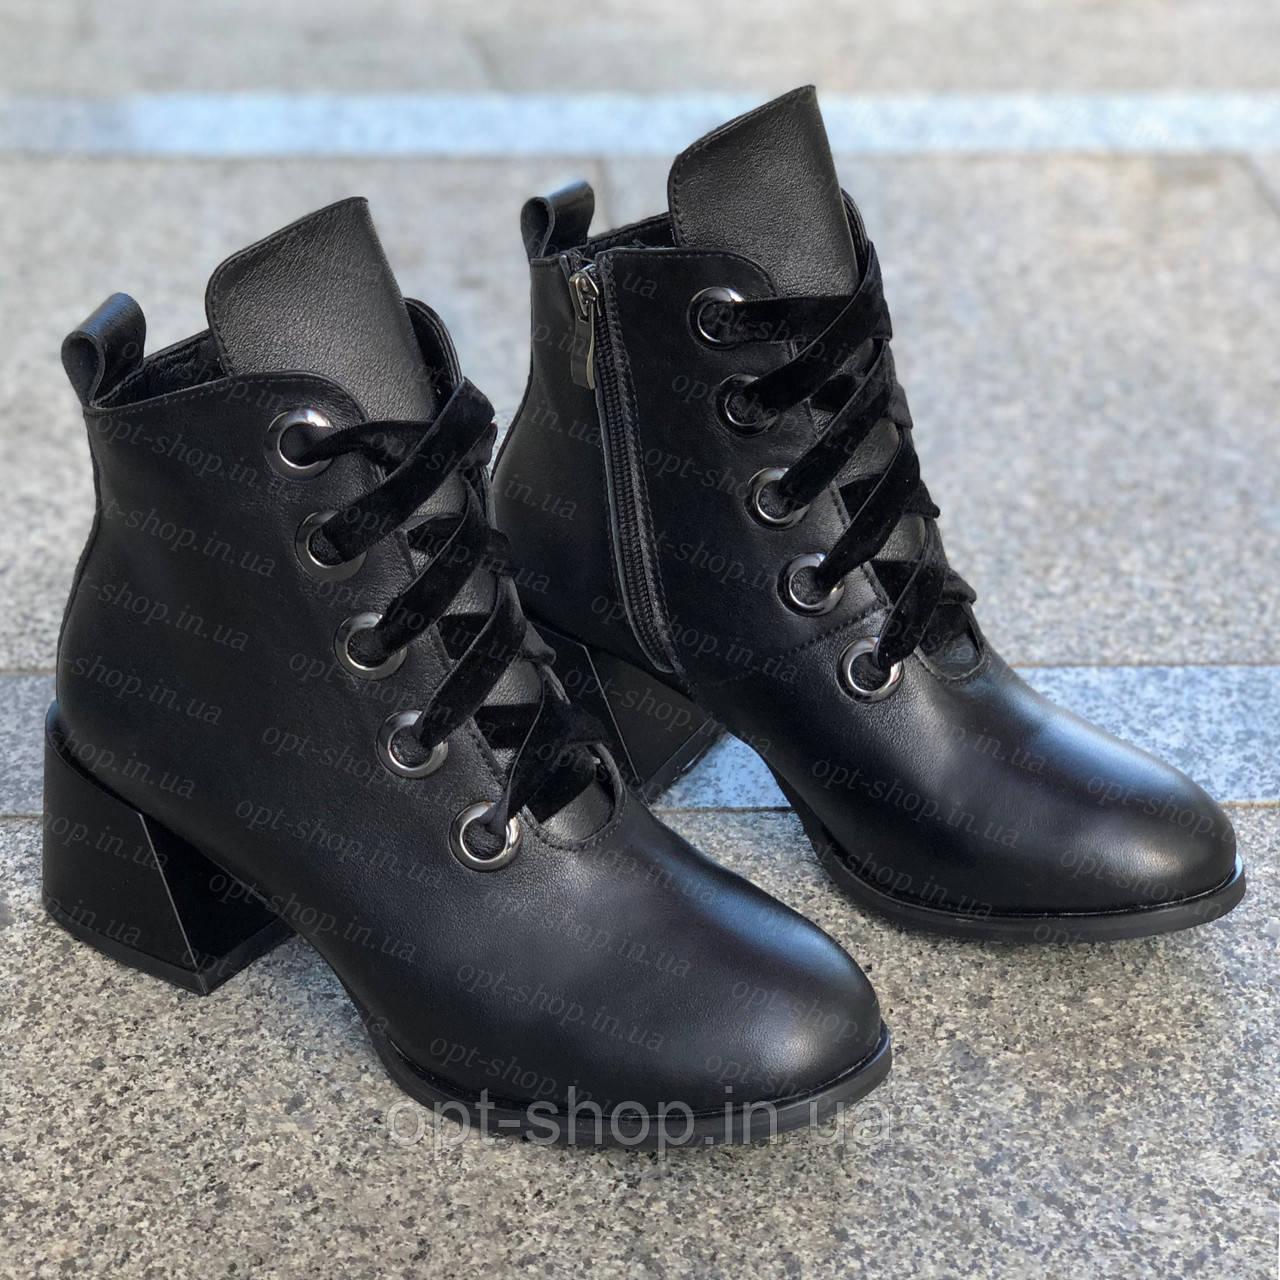 Женские демисезонные осенние кожаные Ботинки ботильоны  на толстом каблуке